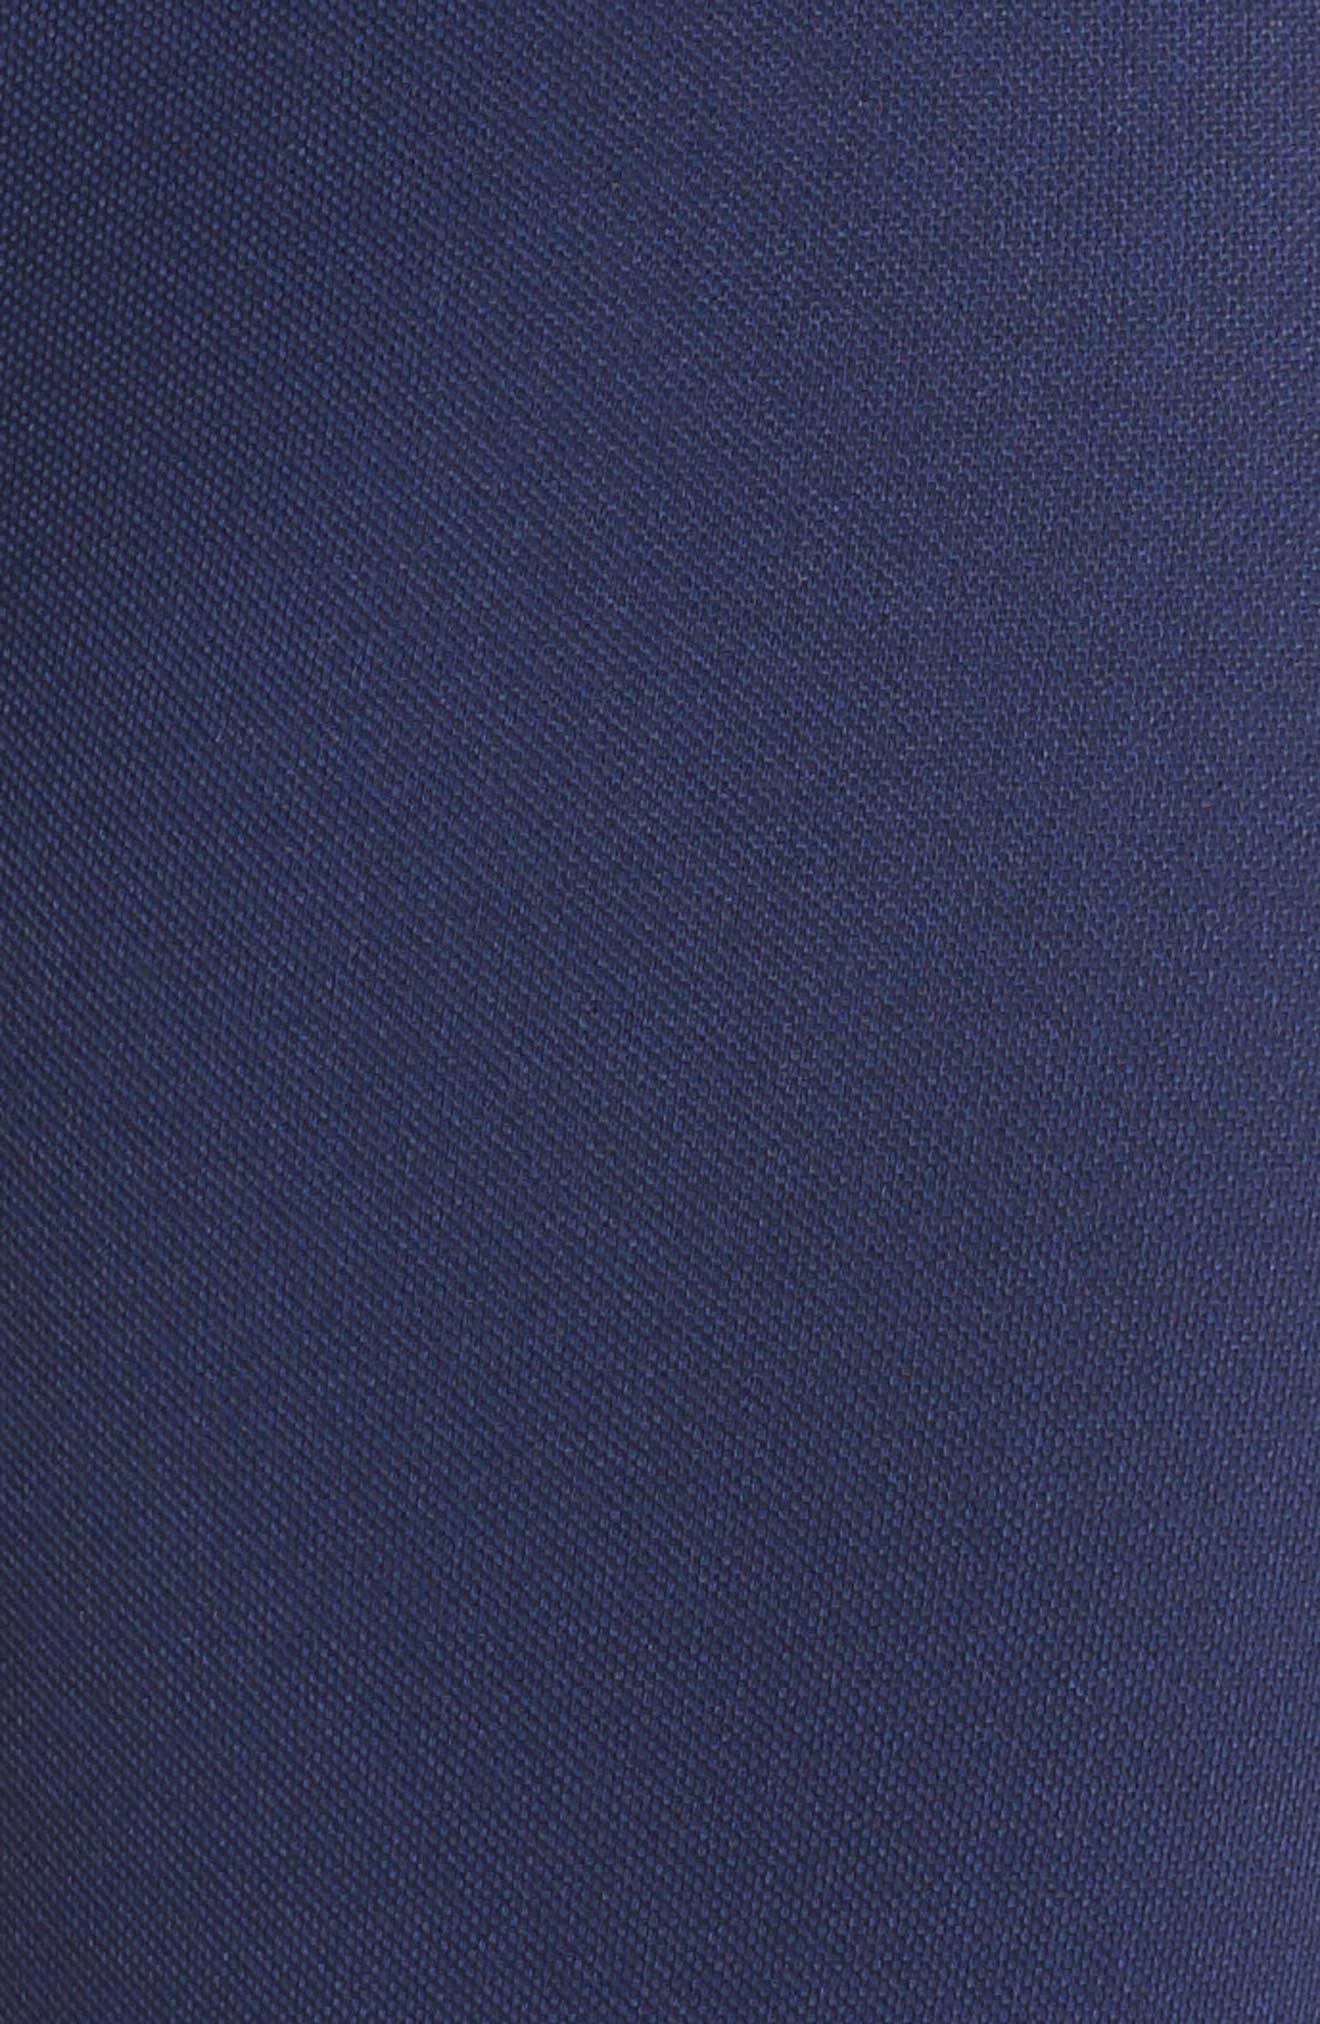 Motion High Waist Seamless Leggings,                             Alternate thumbnail 6, color,                             NAVY / BLUE